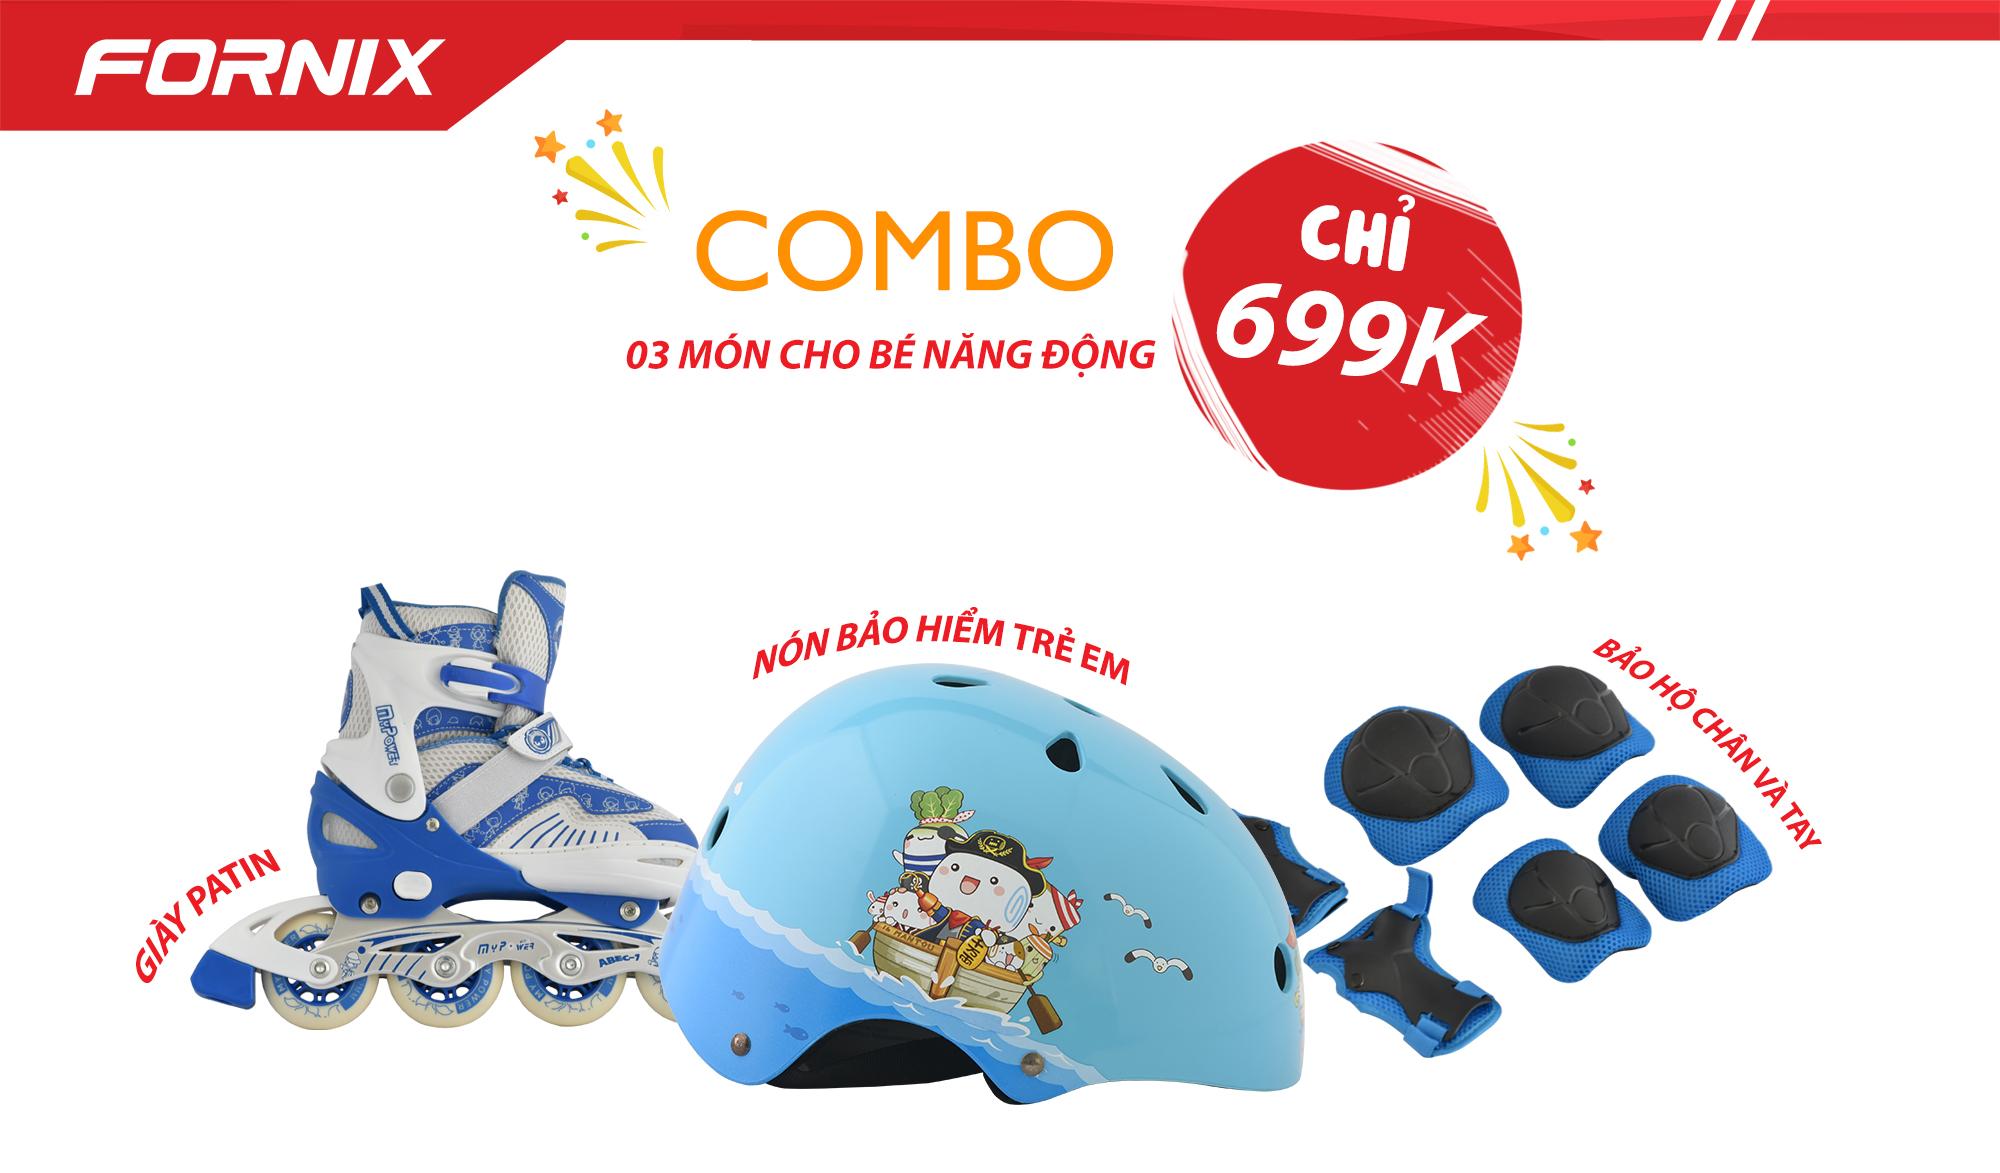 Giá bán COMBO THỂ THAO TRẺ EM - Nón bảo hiểm A01N001 + Giày Patin + Đồ bảo hộ